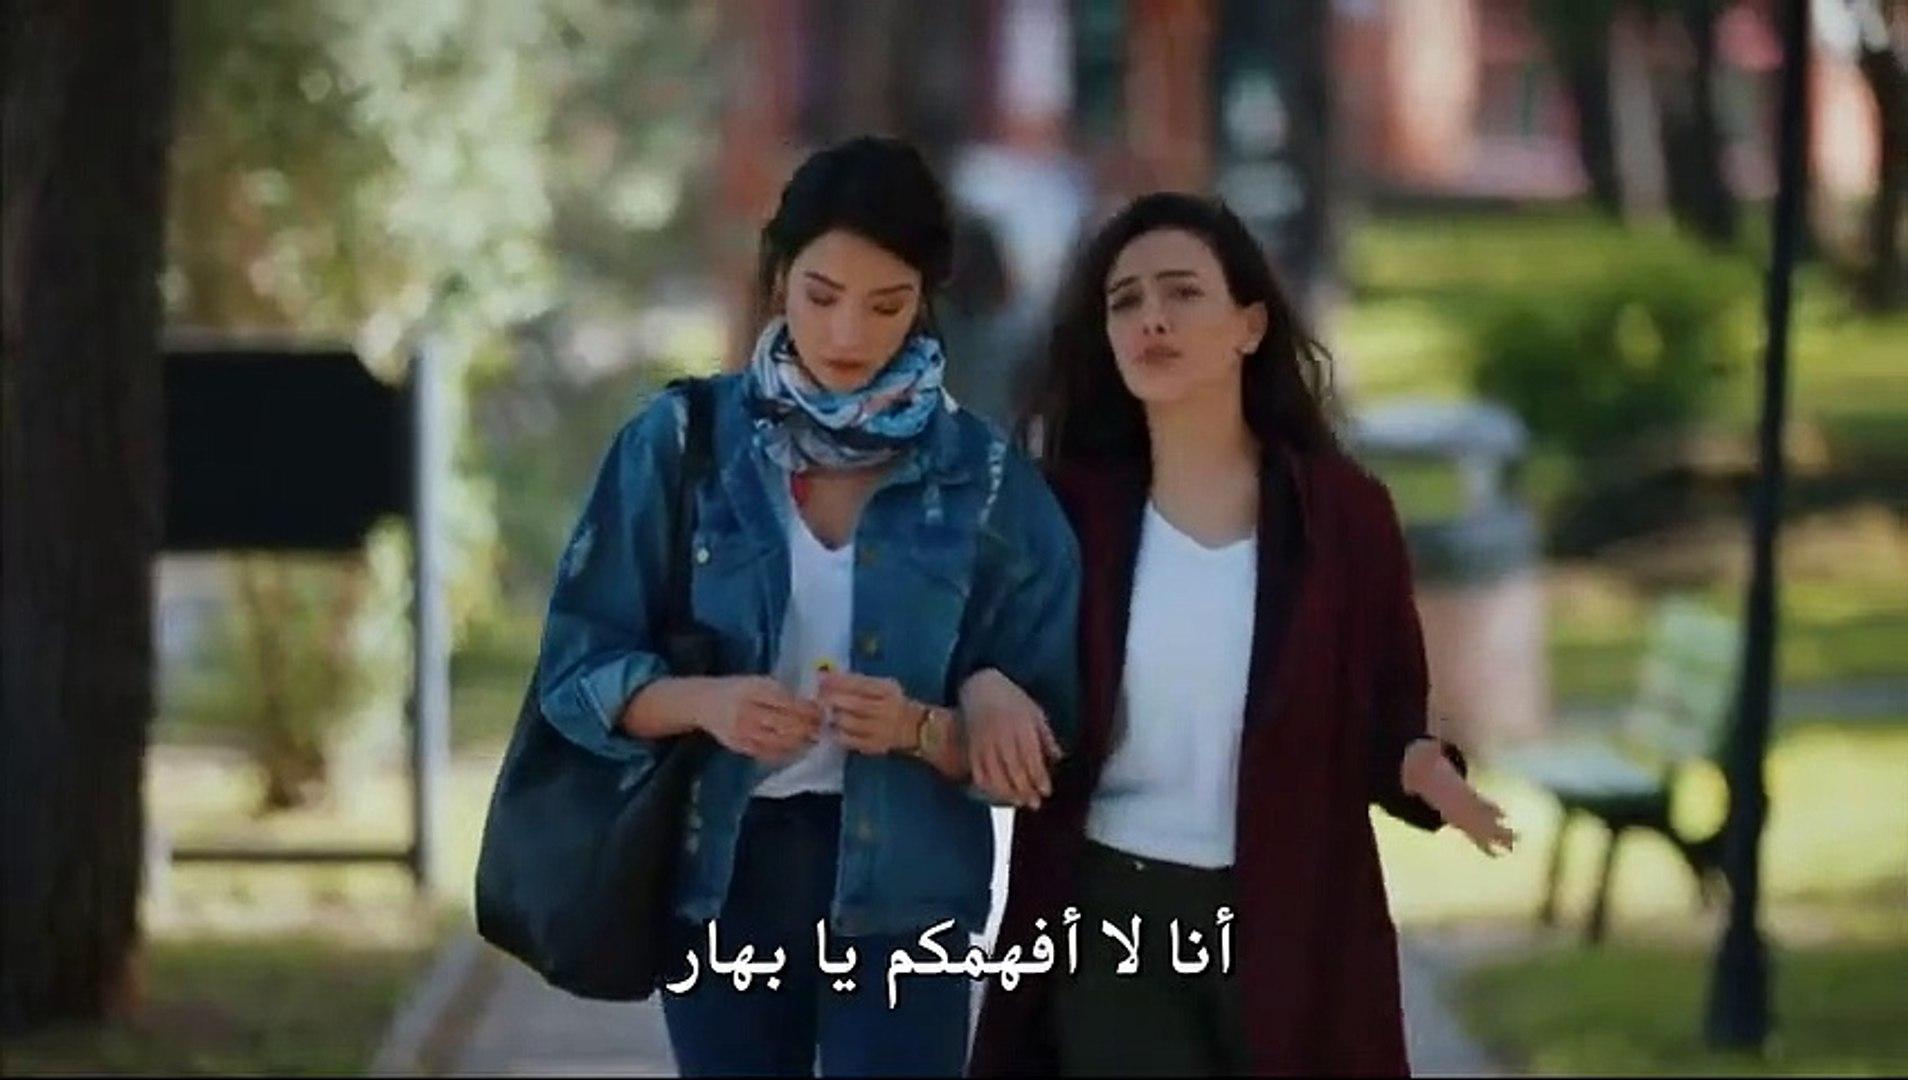 مسلسل العهد الموسم الثاني الحلقة 40 كاملة القسم 3 مترجمة للعربية